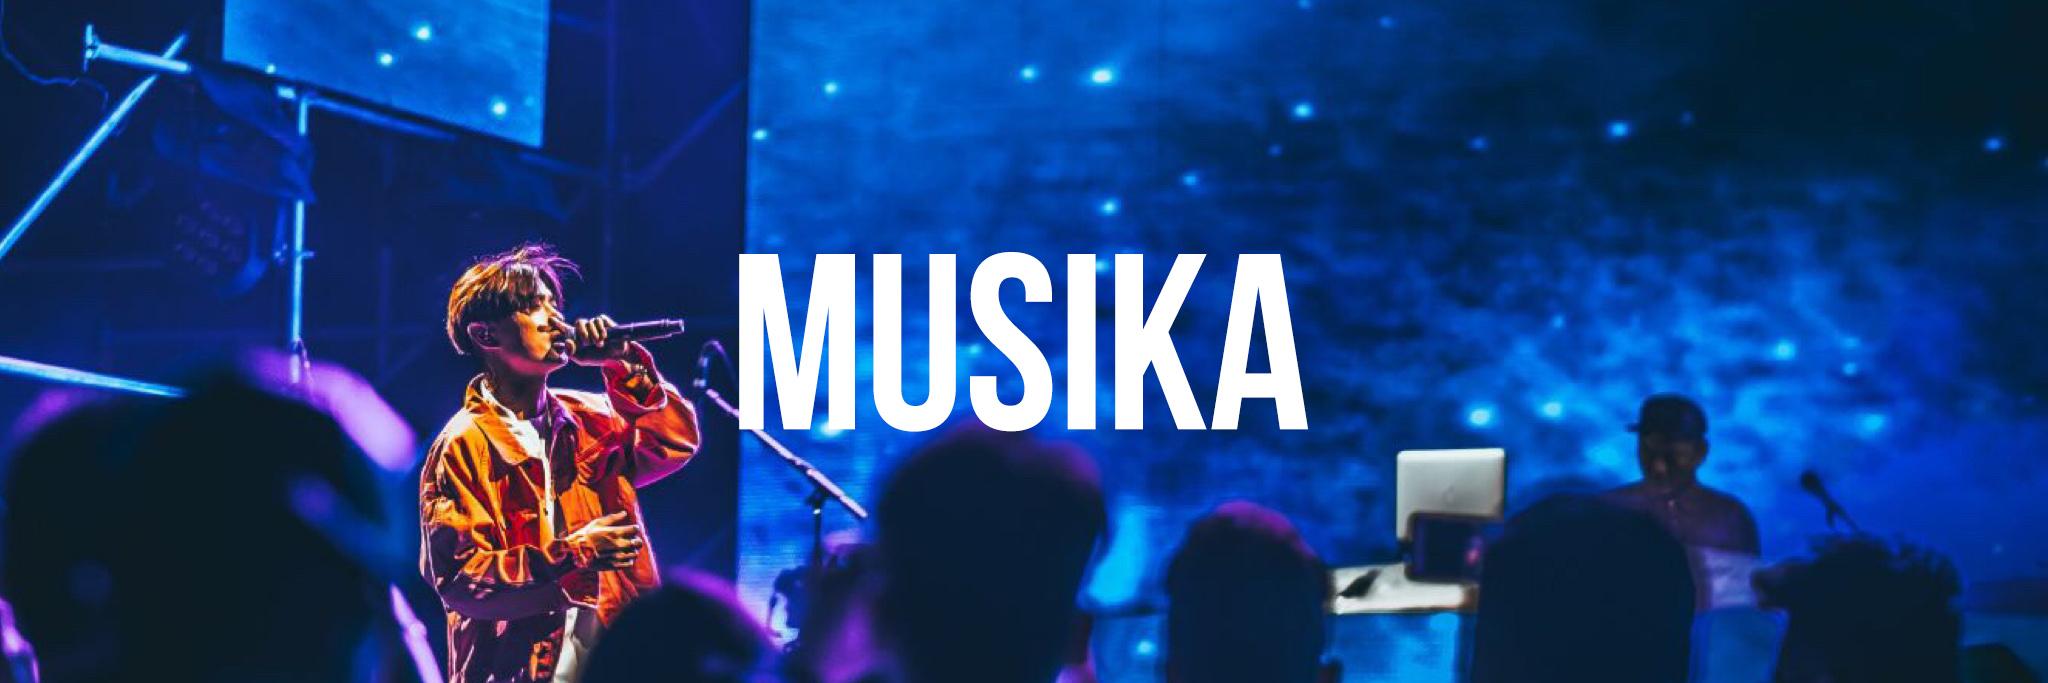 music filipino.jpg